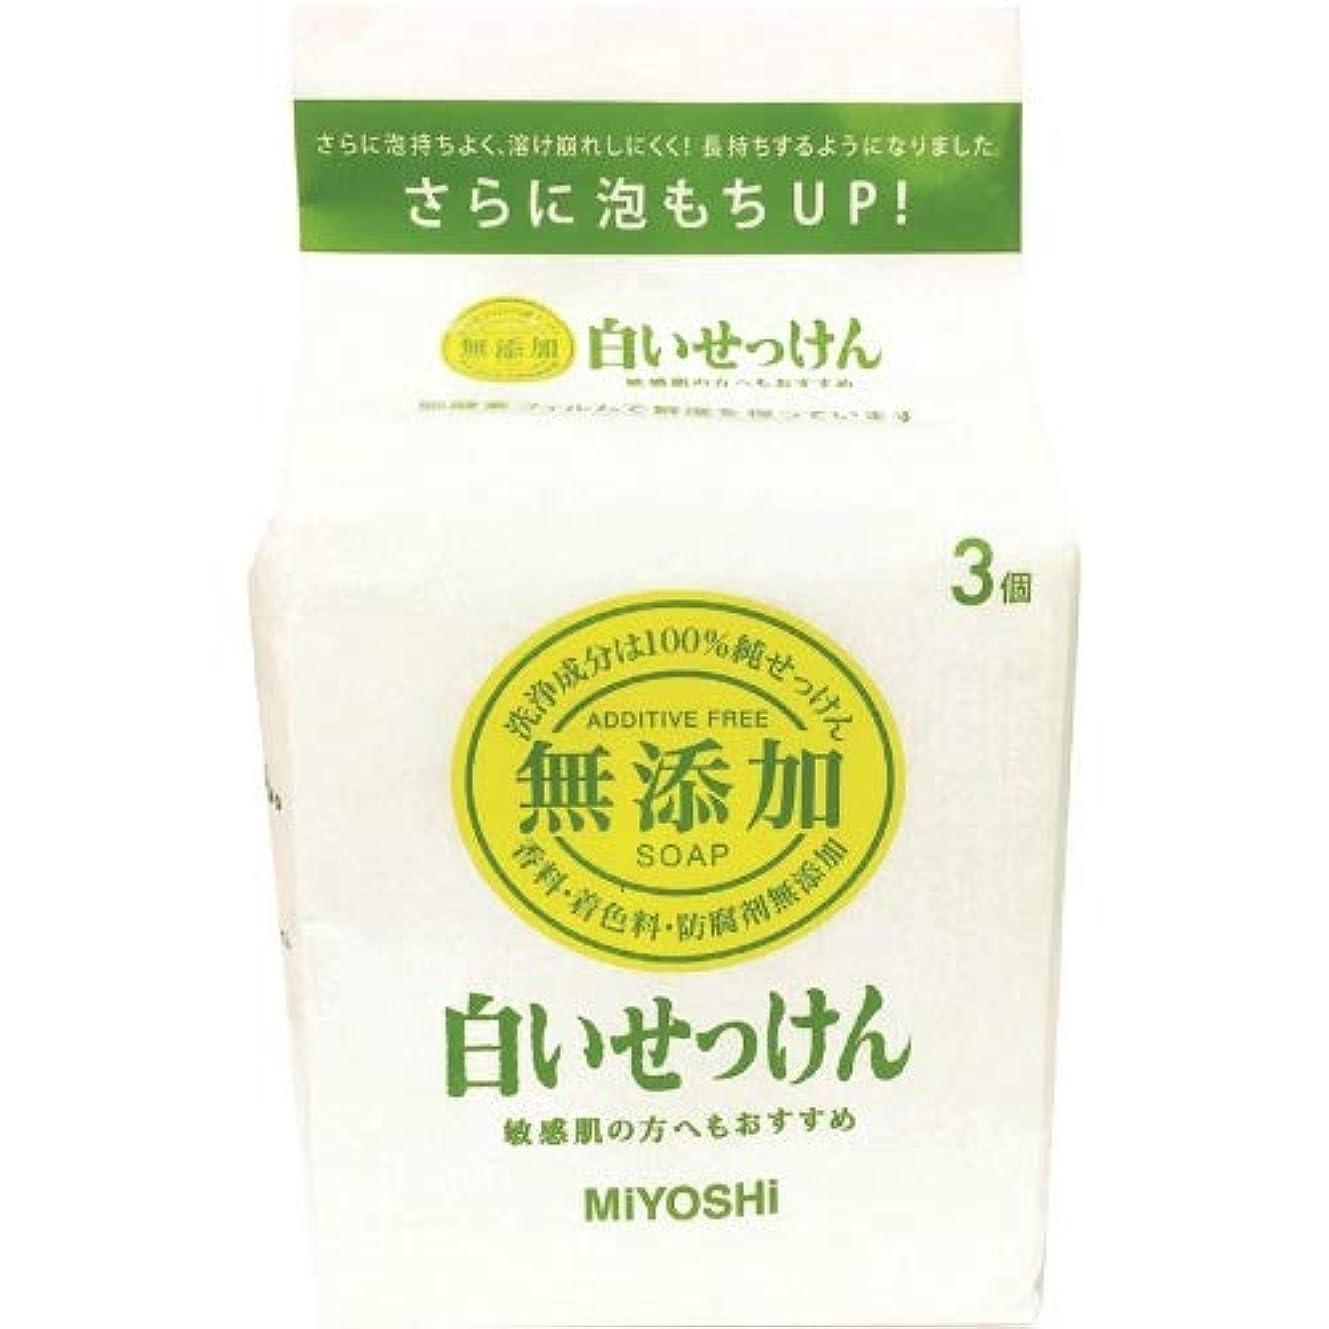 仲人多用途くしゃみミヨシ石鹸 MIYOSHI 無添加 白いせっけん 108g×3個入 ボディ用